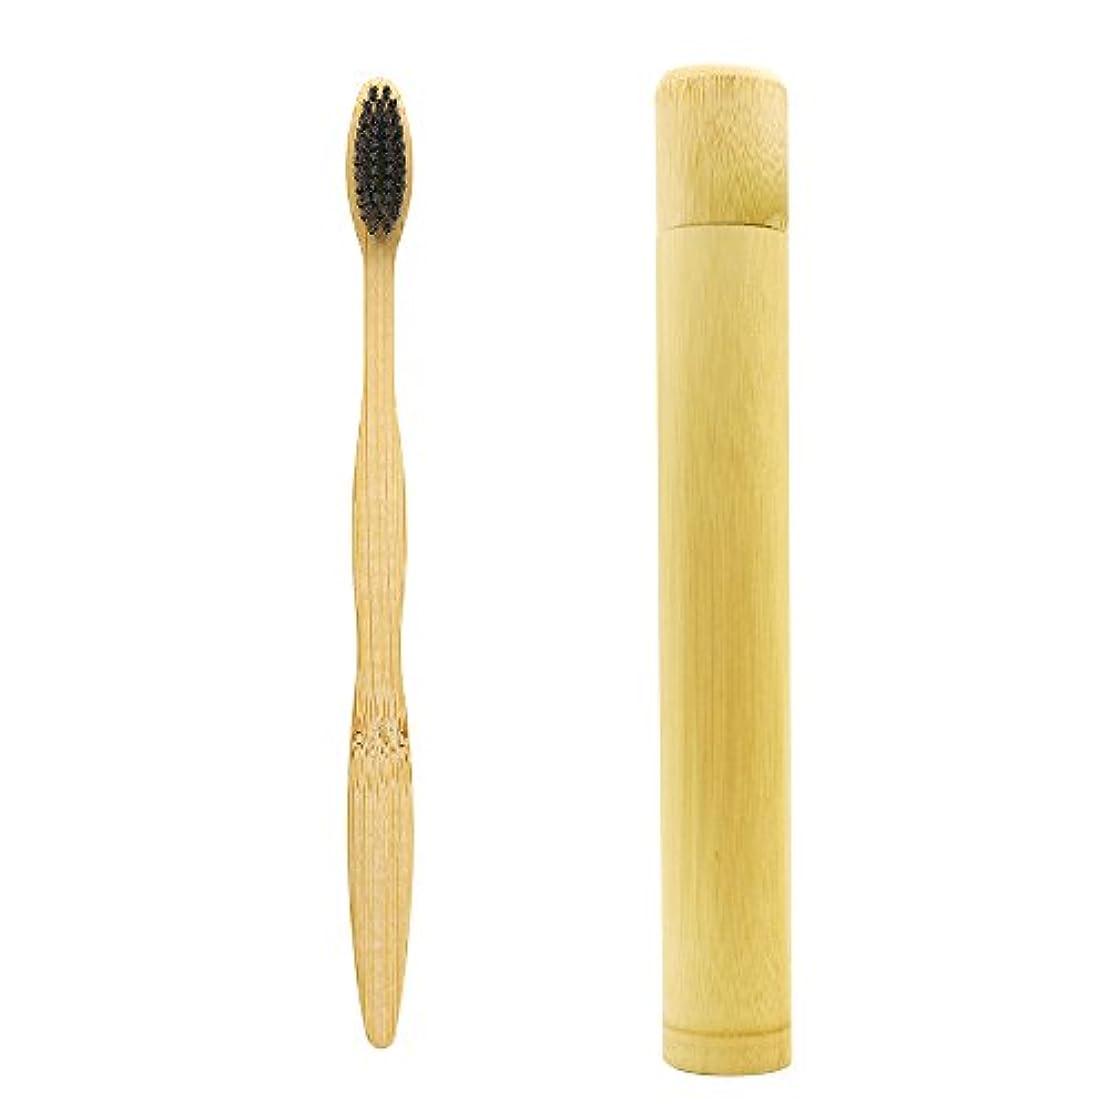 家具代理人援助するN-amboo 歯ブラシ ケース付き 竹製 高耐久性 出張旅行 携帯便利